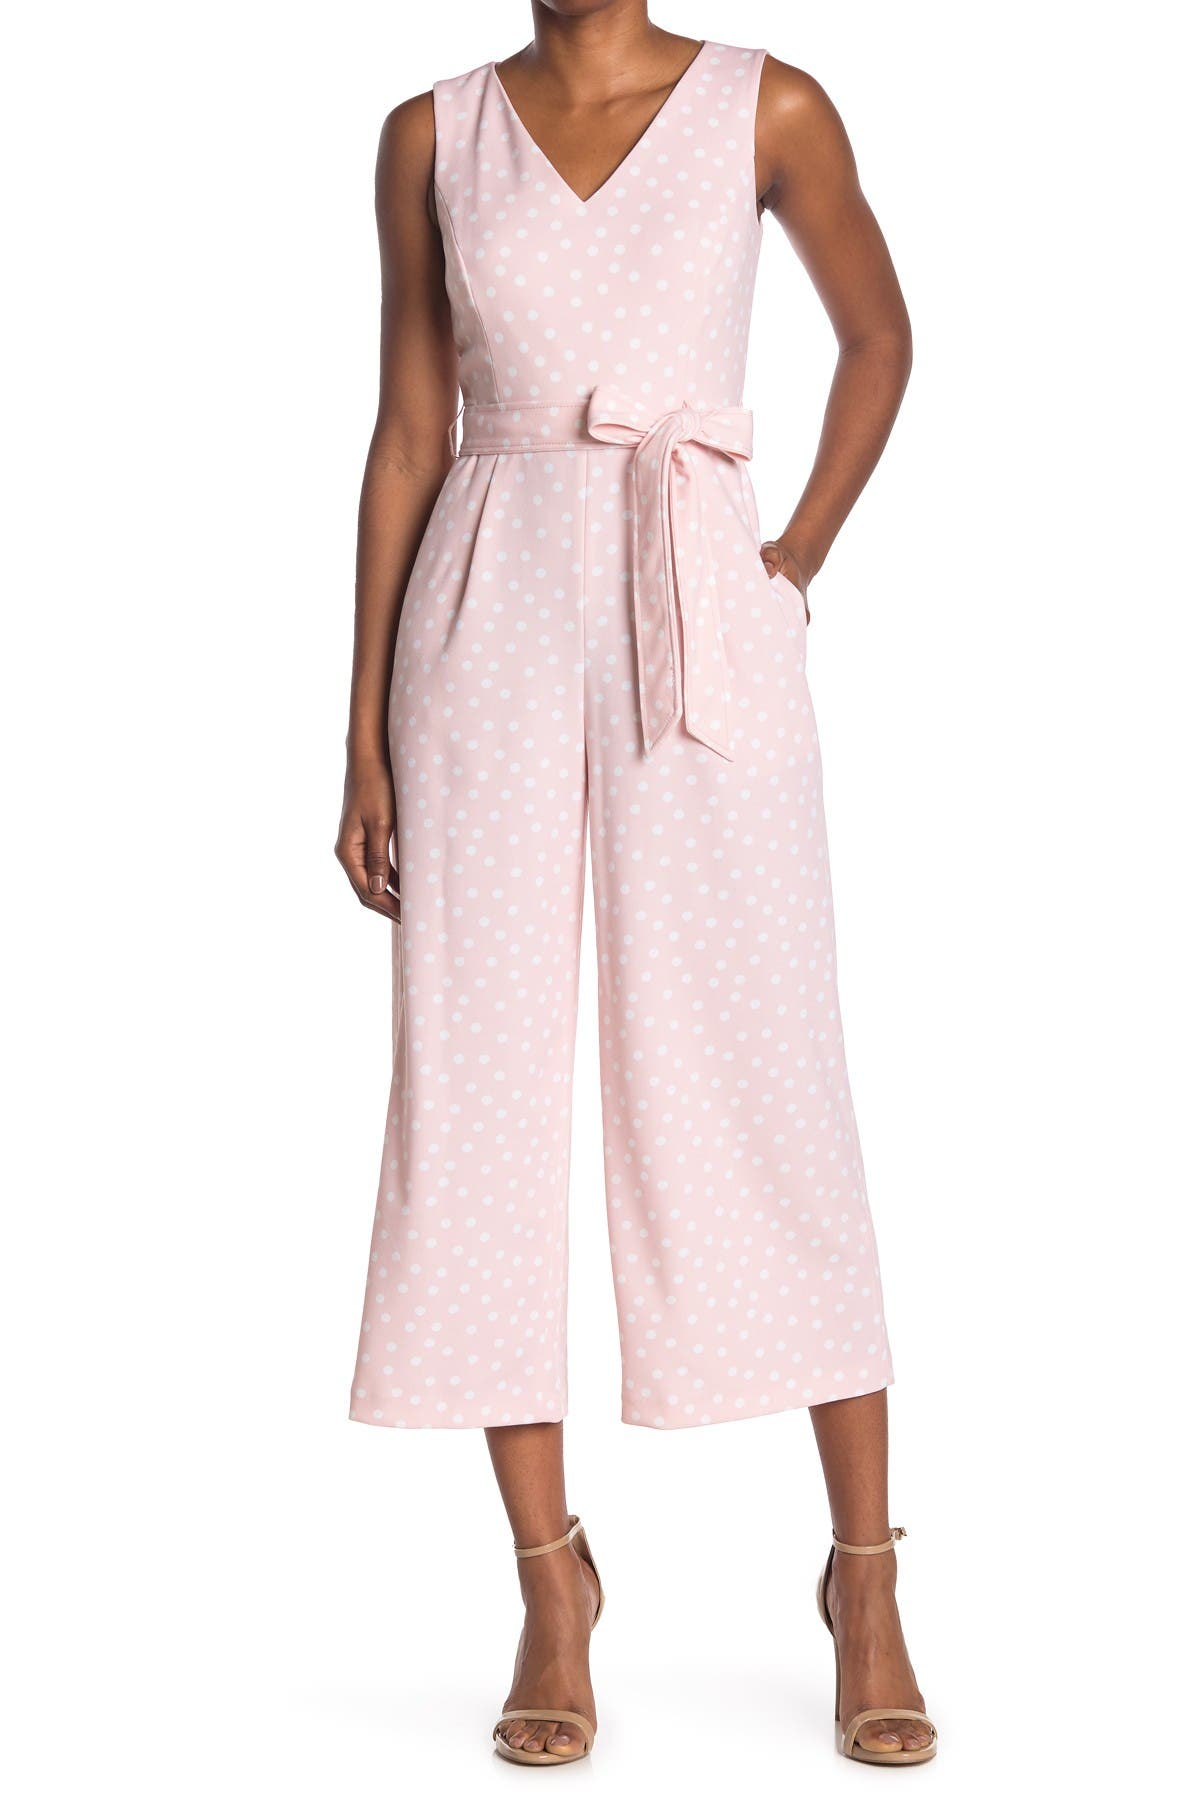 Image of Calvin Klein V-Neck Tie Belt Polka Dot Print Crop Wide Leg Jumpsuit